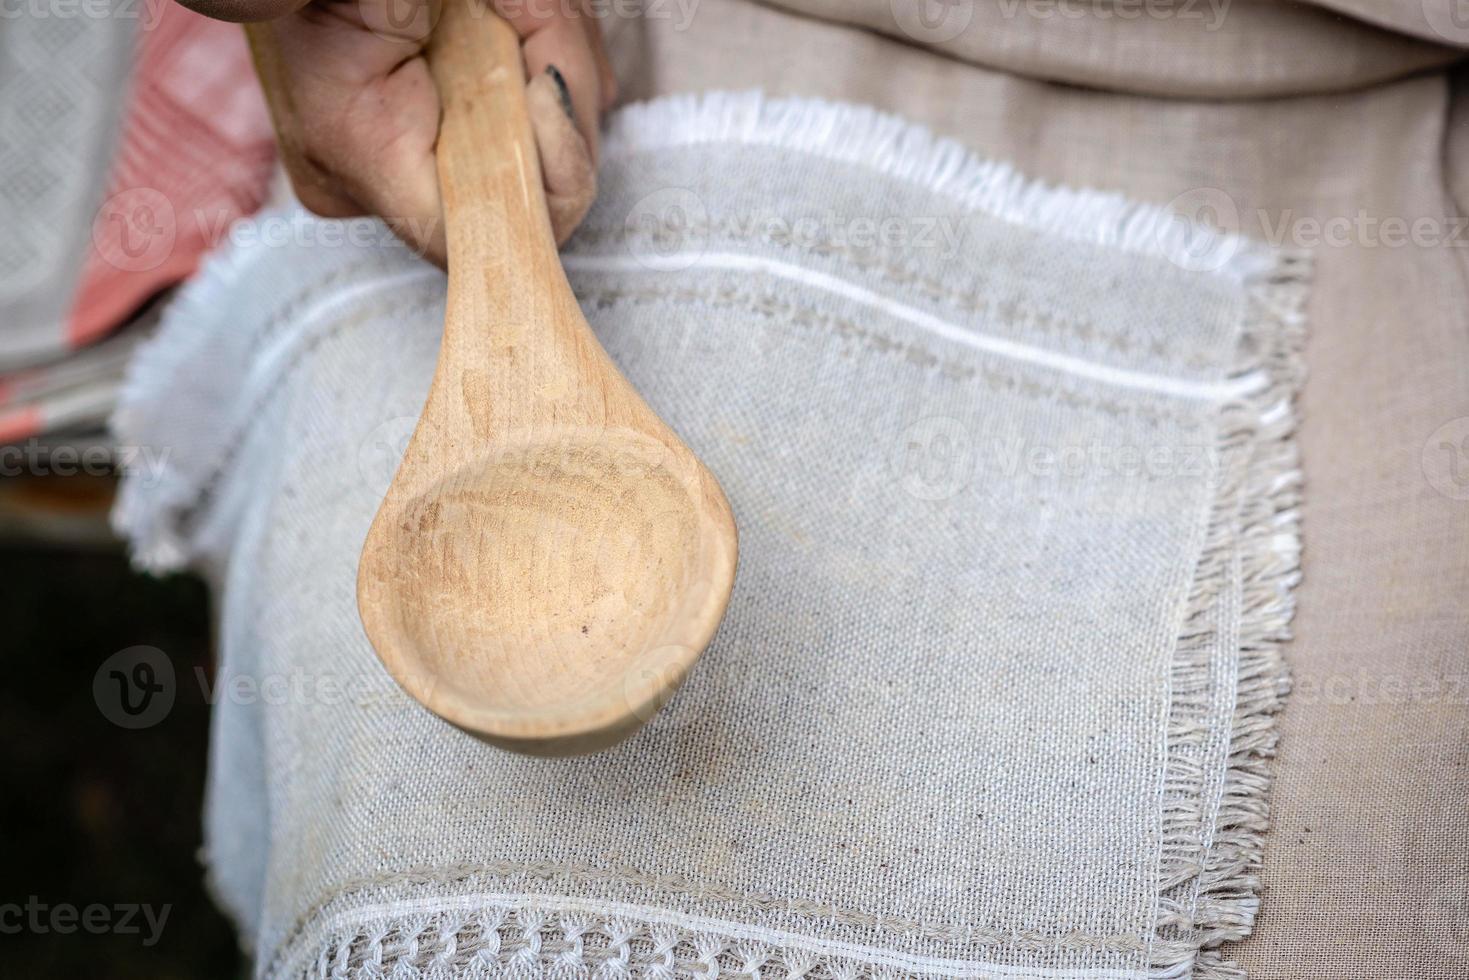 Mujer haciendo cuchara de madera artesanal tradicional foto